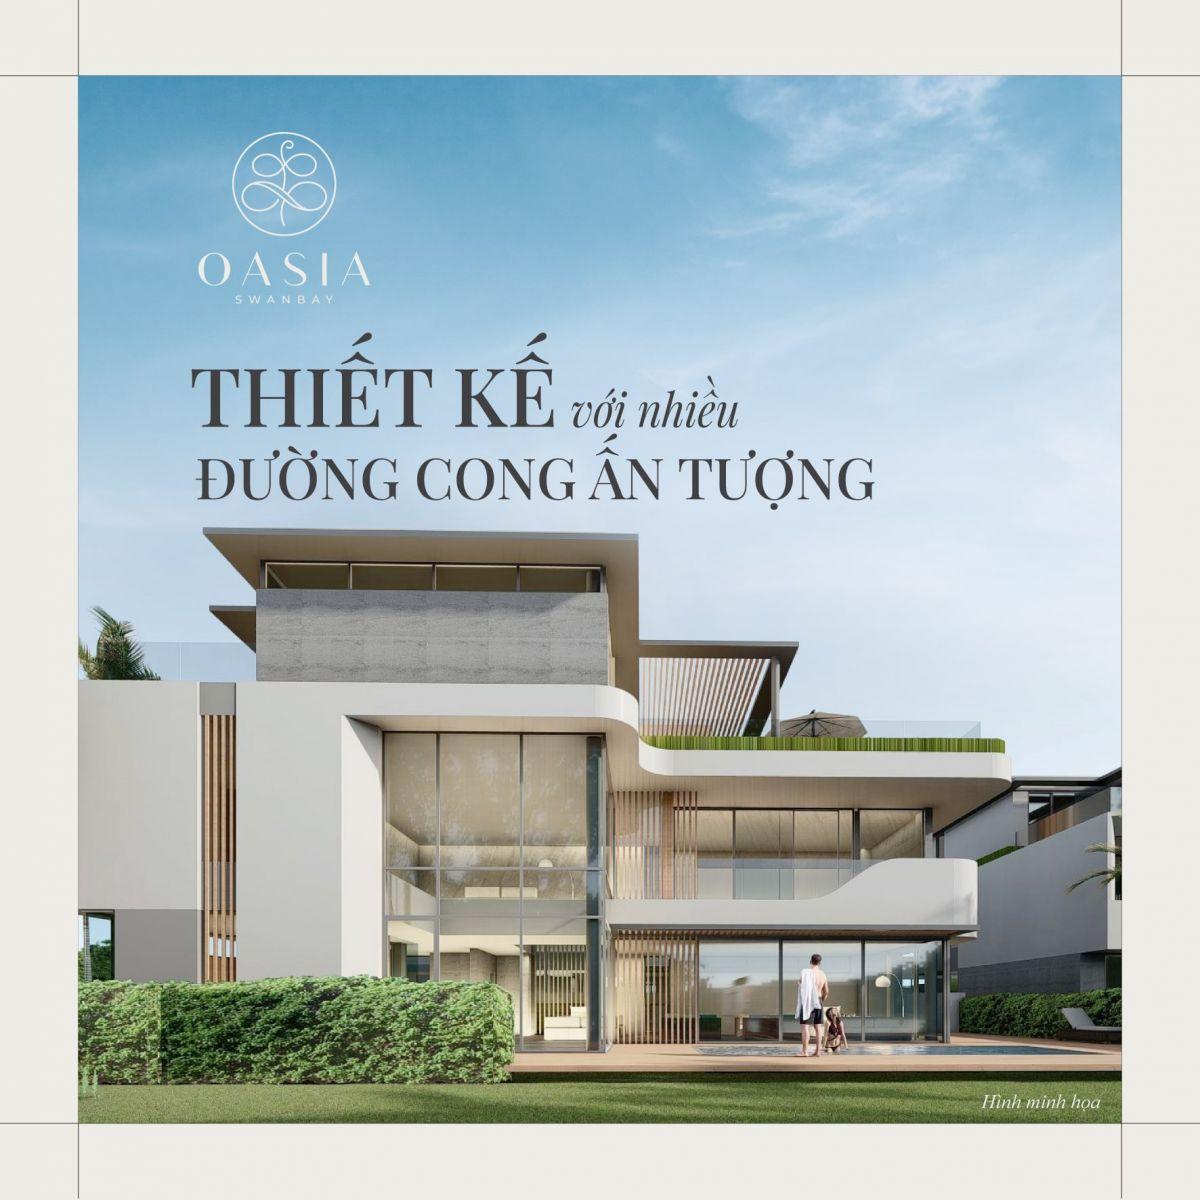 dự án swan bay oasia